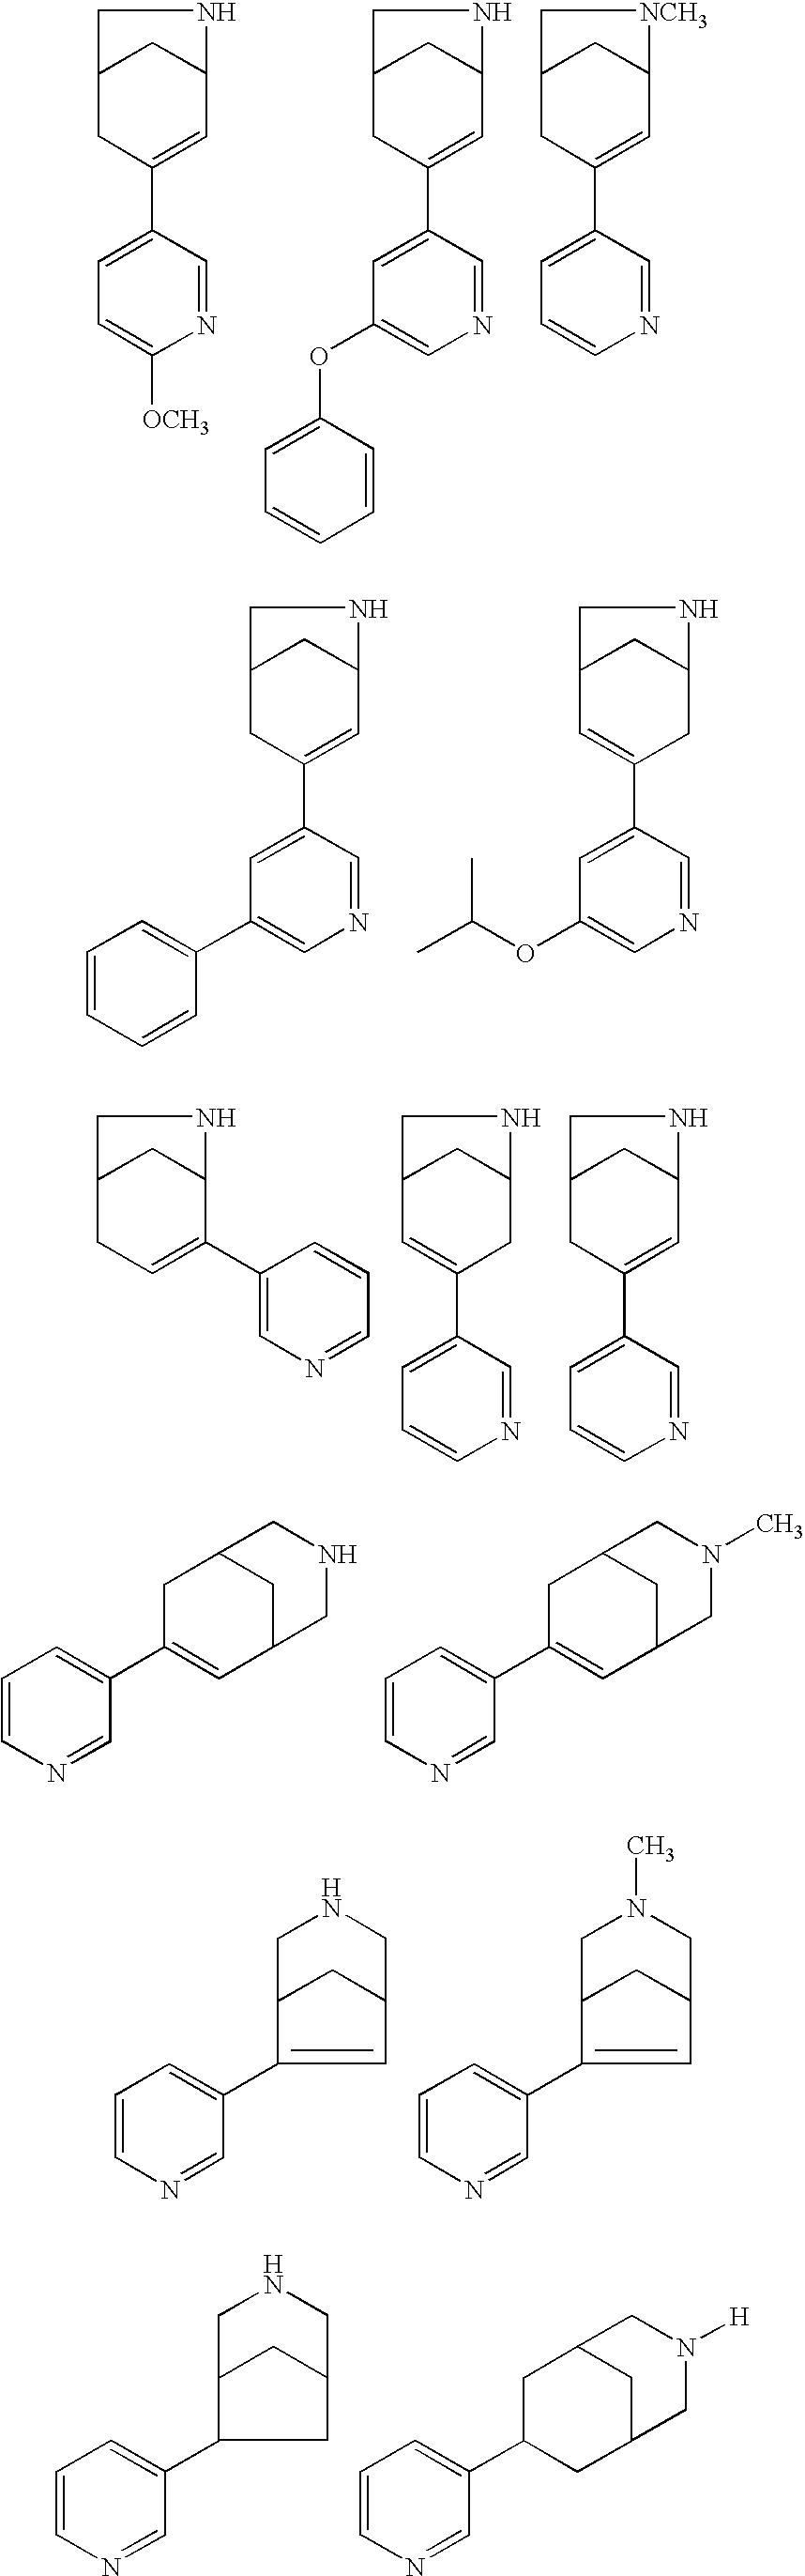 Figure US20080242693A1-20081002-C00006